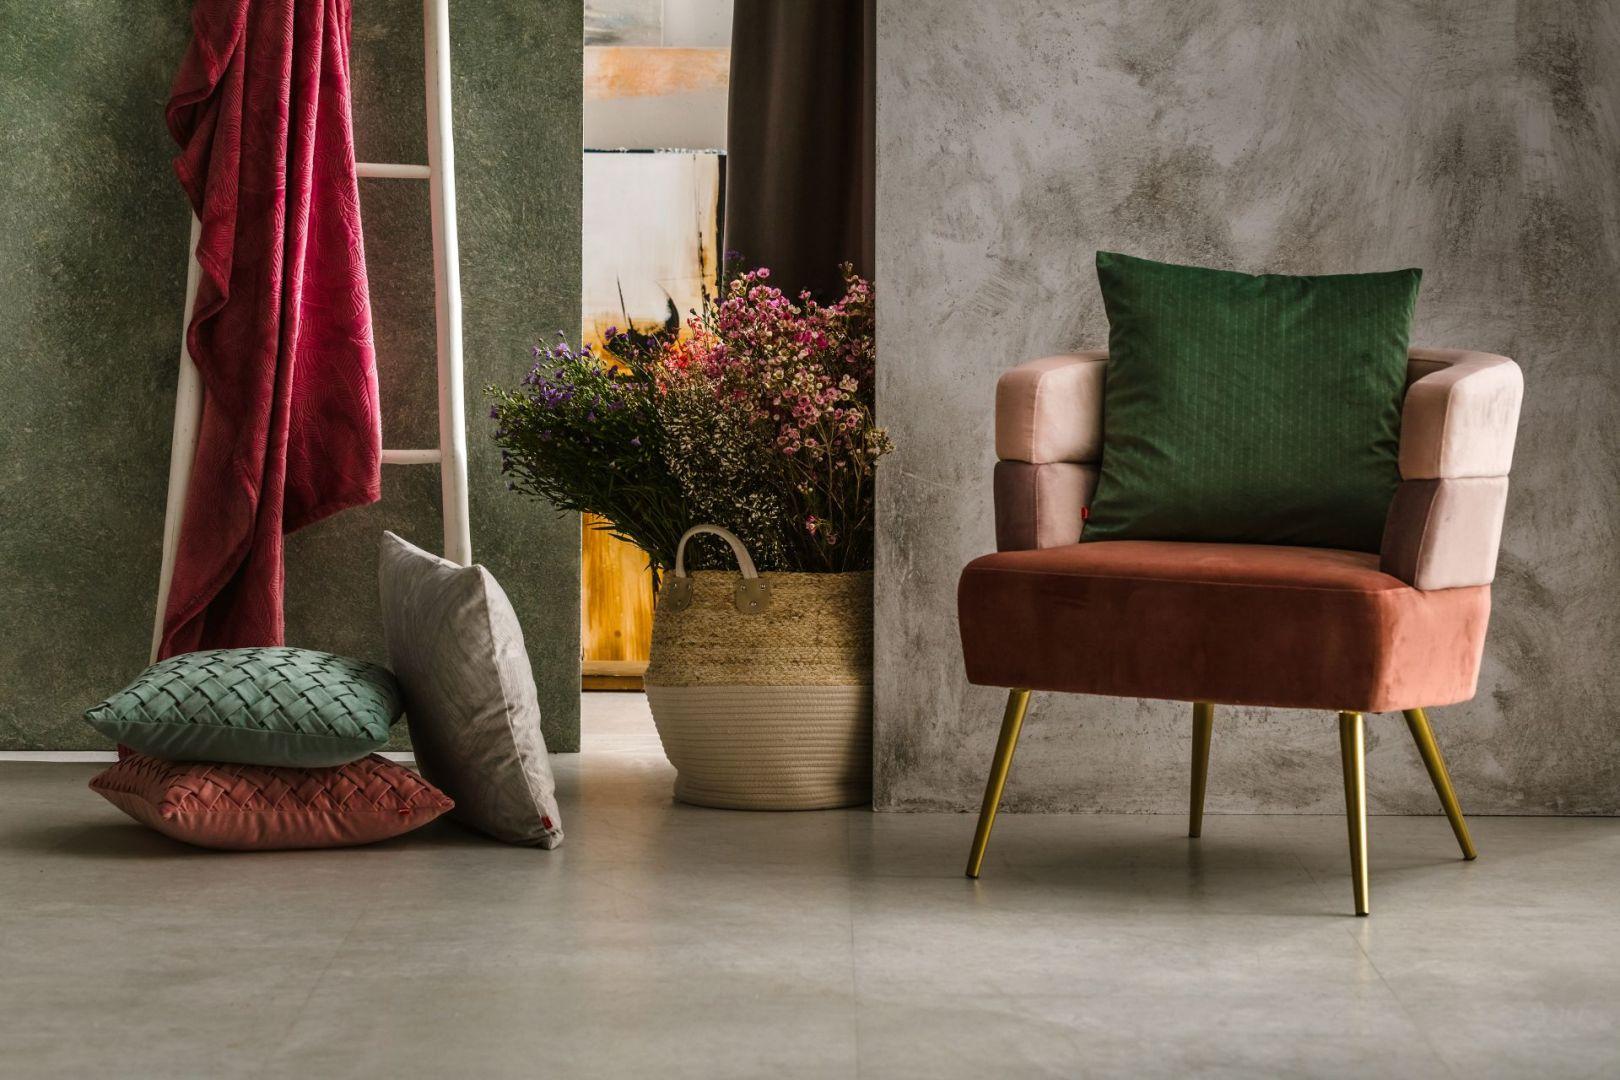 Najnowsza propozycja do salonu na 2021 rok z katalogu Home&You - te kolory będą rządzić w tym roku! Fot. Home&You